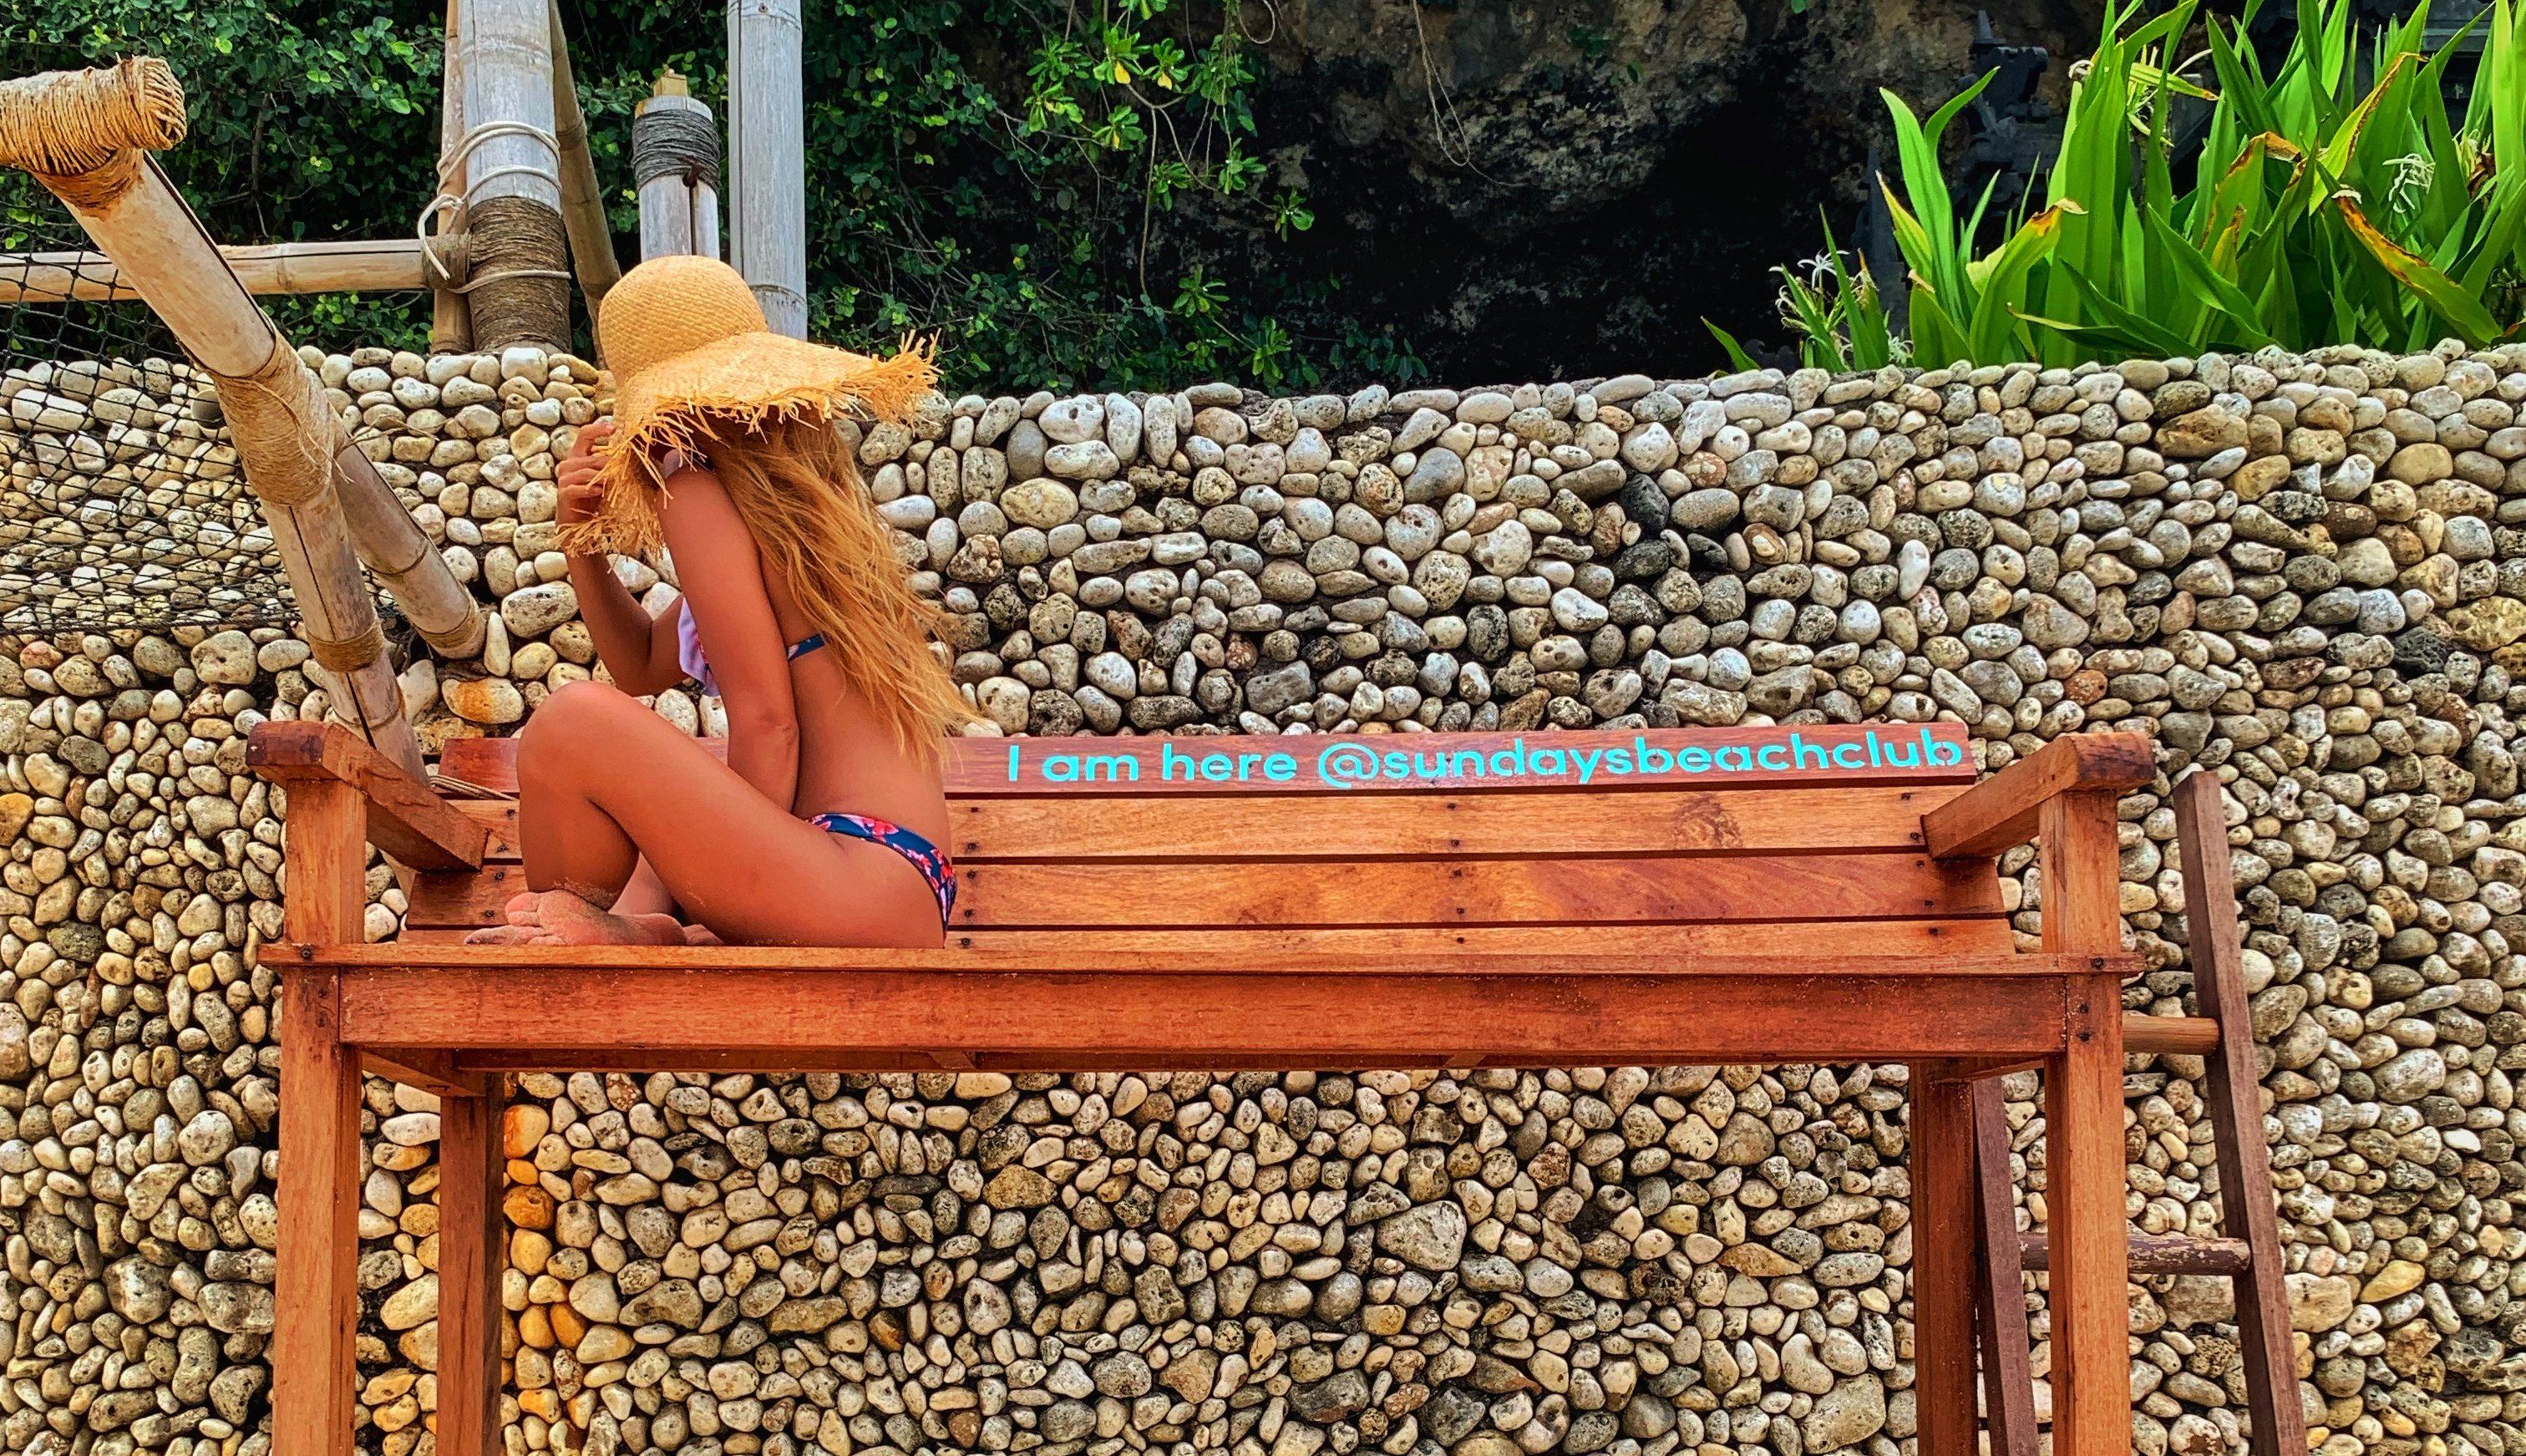 【バリ島】のんびり派にオススメのビーチクラブ